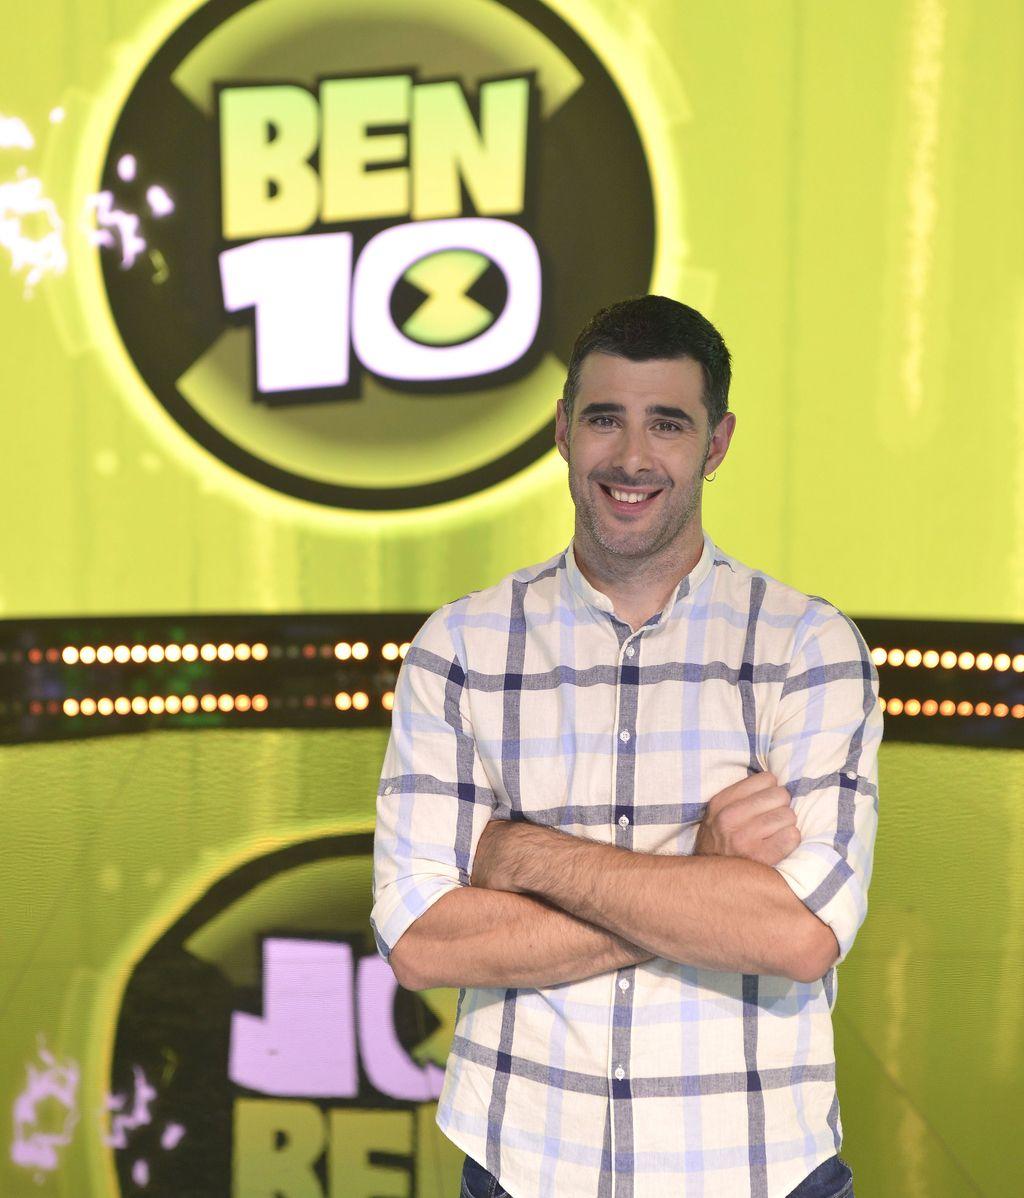 David Amor, presentador del concurso 'Ben 10 challenge' en Boing